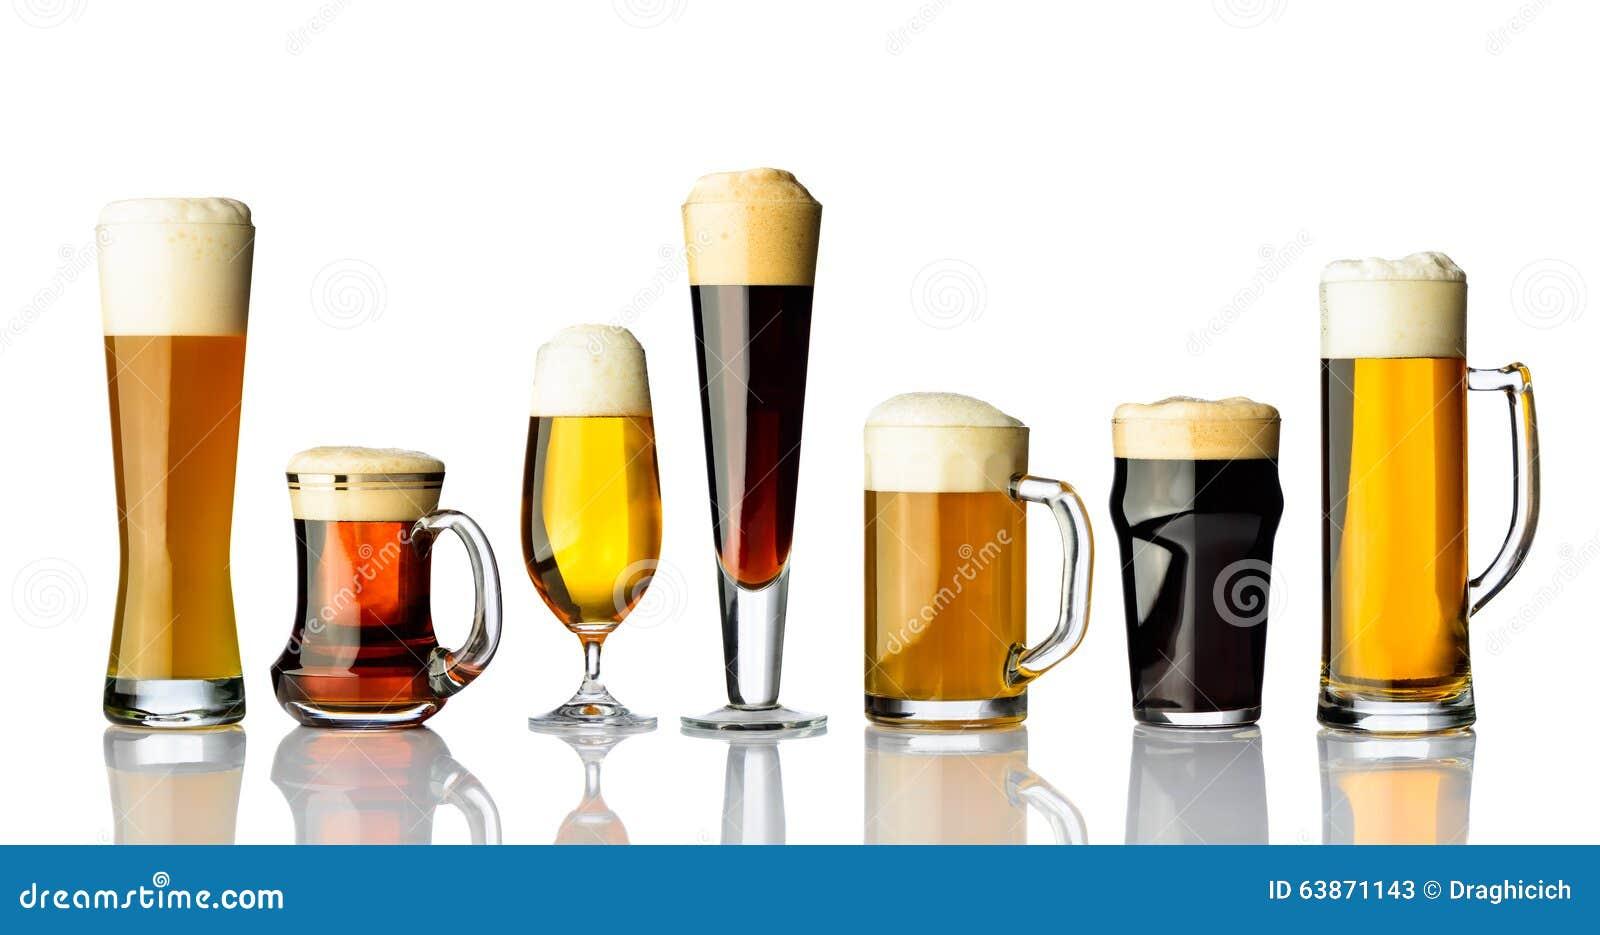 Διαφορετικοί τύποι μπυρών